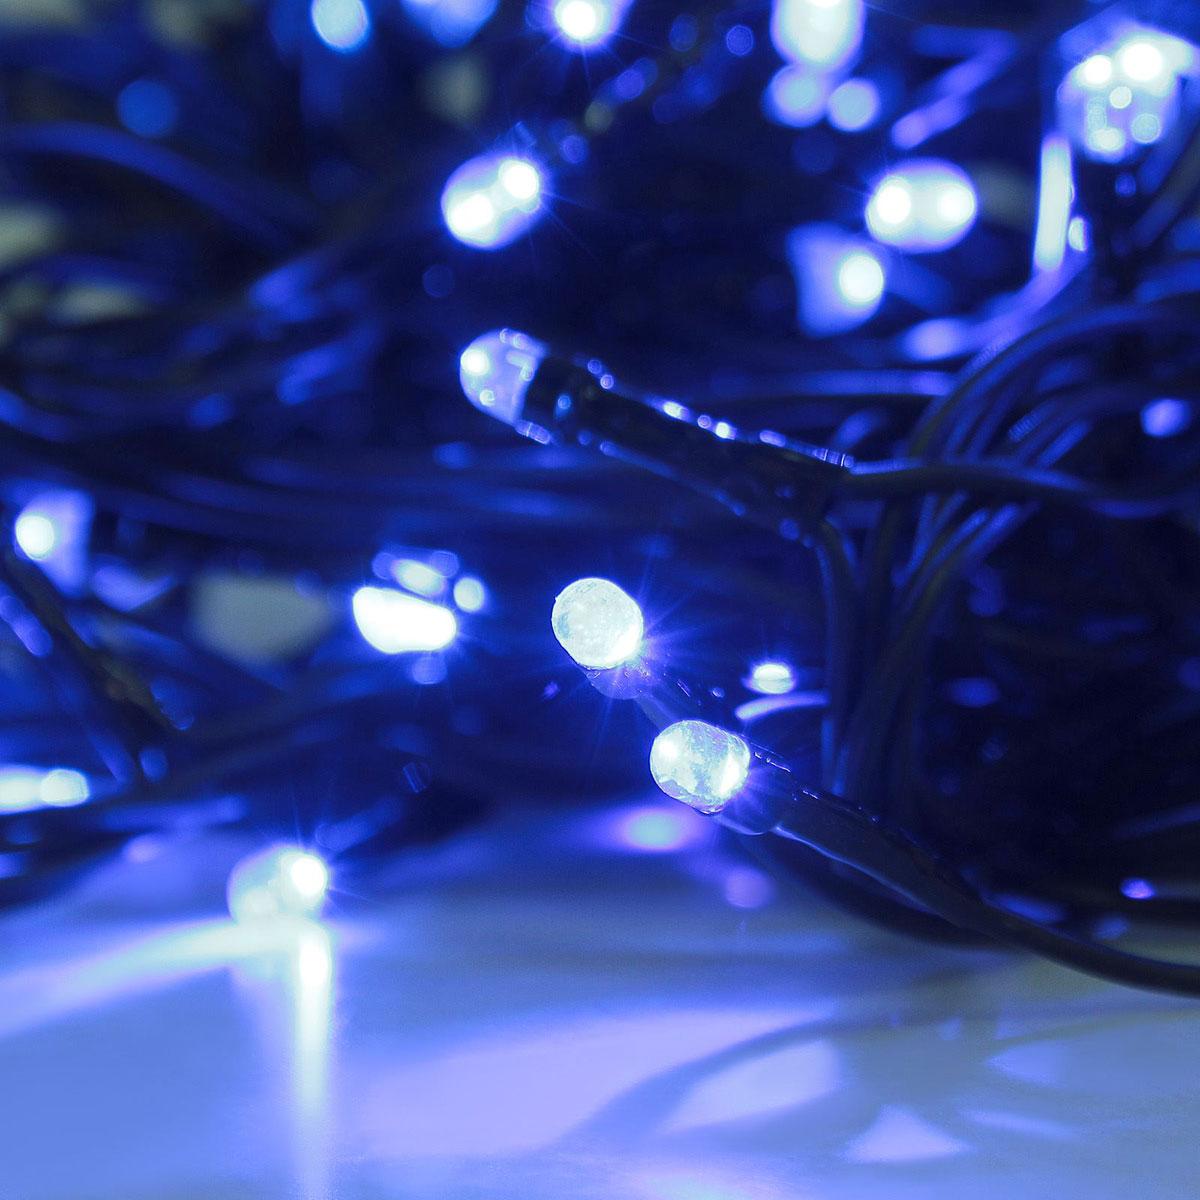 Гирлянда светодиодная Luazon Метраж, уличная, 50 ламп, 220 V, 5 м, цвет: синий. 187236187236Светодиодные гирлянды, ленты и т.д. — это отличный вариант для новогоднего оформления интерьера или фасада. С их помощью помещение любого размера можно превратить в праздничный зал, а внешние элементы зданий, украшенные ими, мгновенно станут напоминать очертания сказочного дворца. Такие украшения создают ауру предвкушения чуда. Деревья, фасады, витрины, окна и арки будто специально созданы, чтобы вы украсили их светящимися нитями.